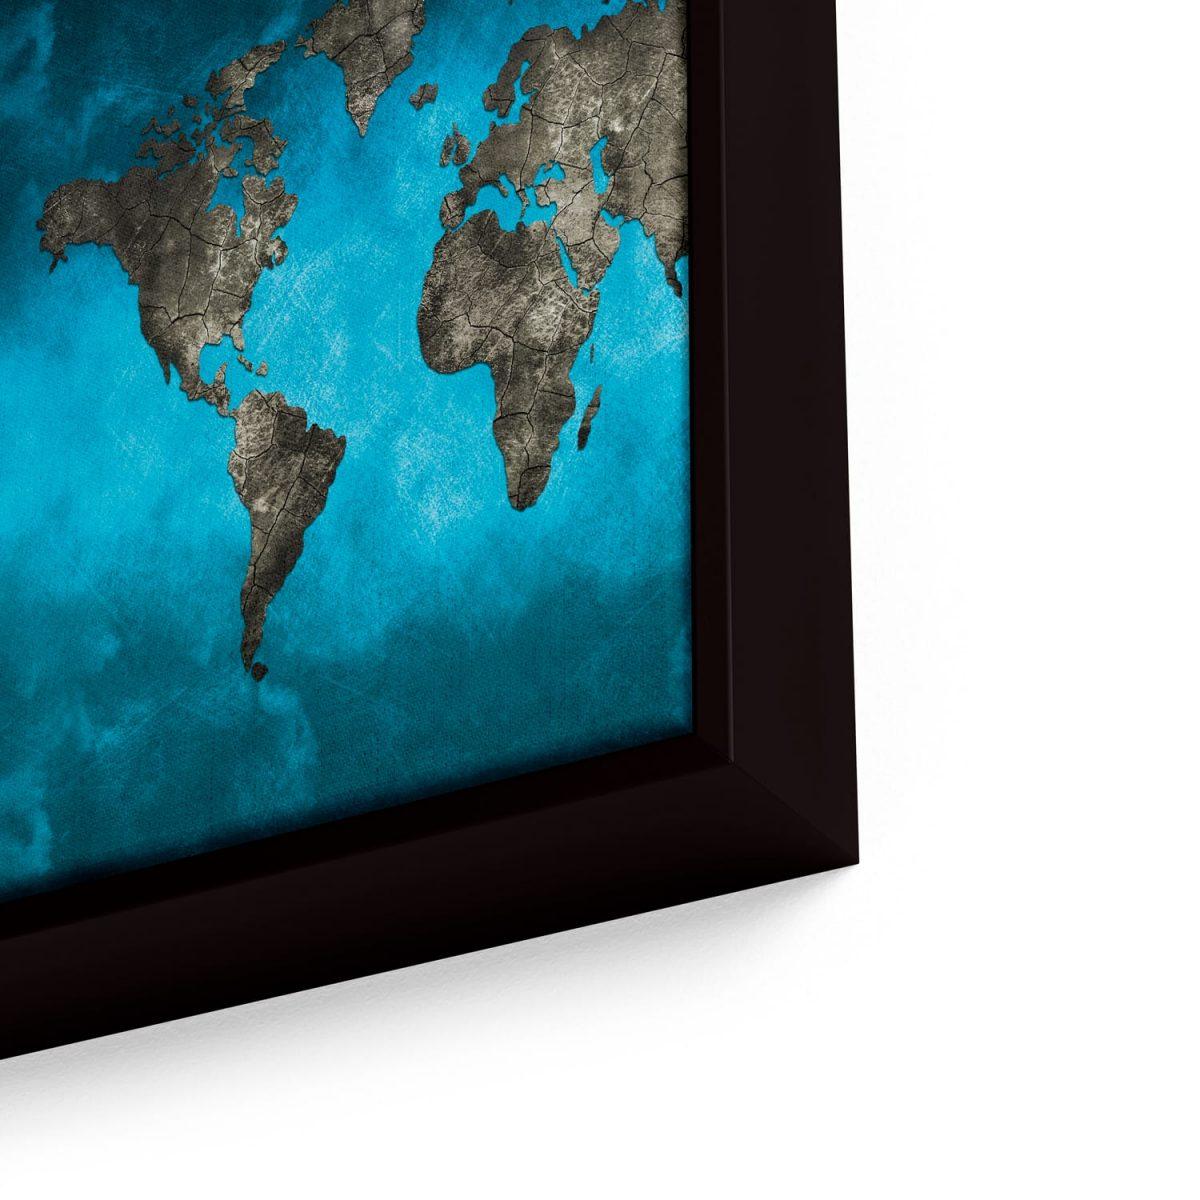 Quadro Mapa Mundi Preto e Azul em moldura com detalhe a direita